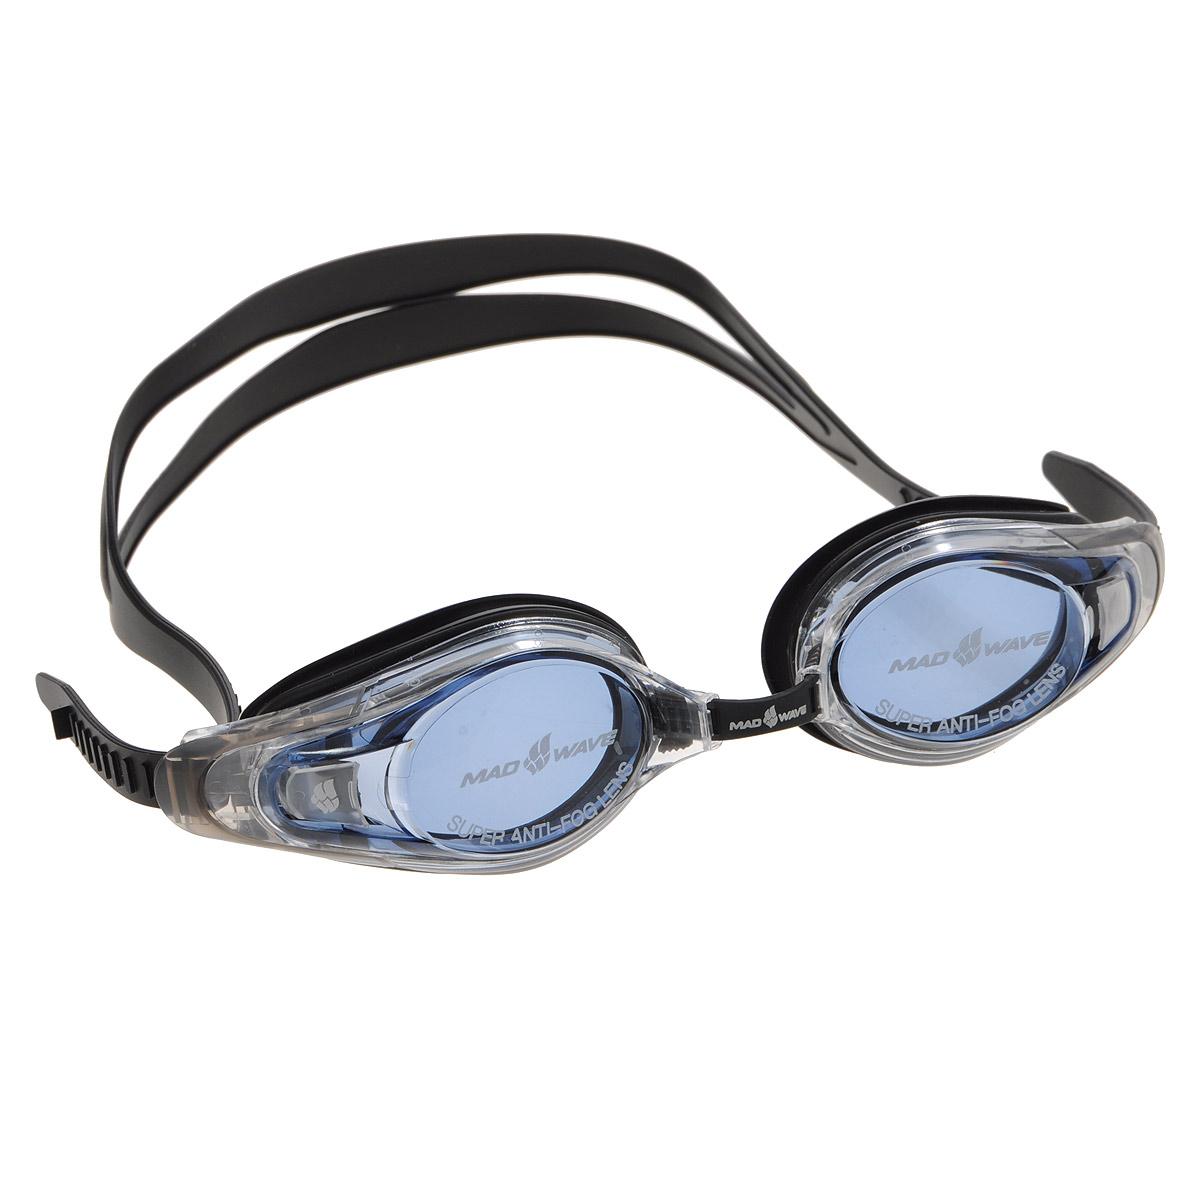 Очки для плавания с диоптриями MadWave Optic Envy Automatic, цвет: черный, -1,5M0430 16 B 05WОчки для плавания с диоптриями MadWave Optic Envy Automatic. Выполнены из поликарбоната и силикона.Особенности: Удобные очки с оптической силой -1,5.Система автоматической регулировки ремешков на корпусе очков.Защита от ультрафиолетовых лучей.Антизапотевающие стекла.Регулируемая восьмиступенчатая носовая перемычка.Сменная линза.Надежная безклеевая фиксация обтюратора.Плоский силиконовый ремешок.